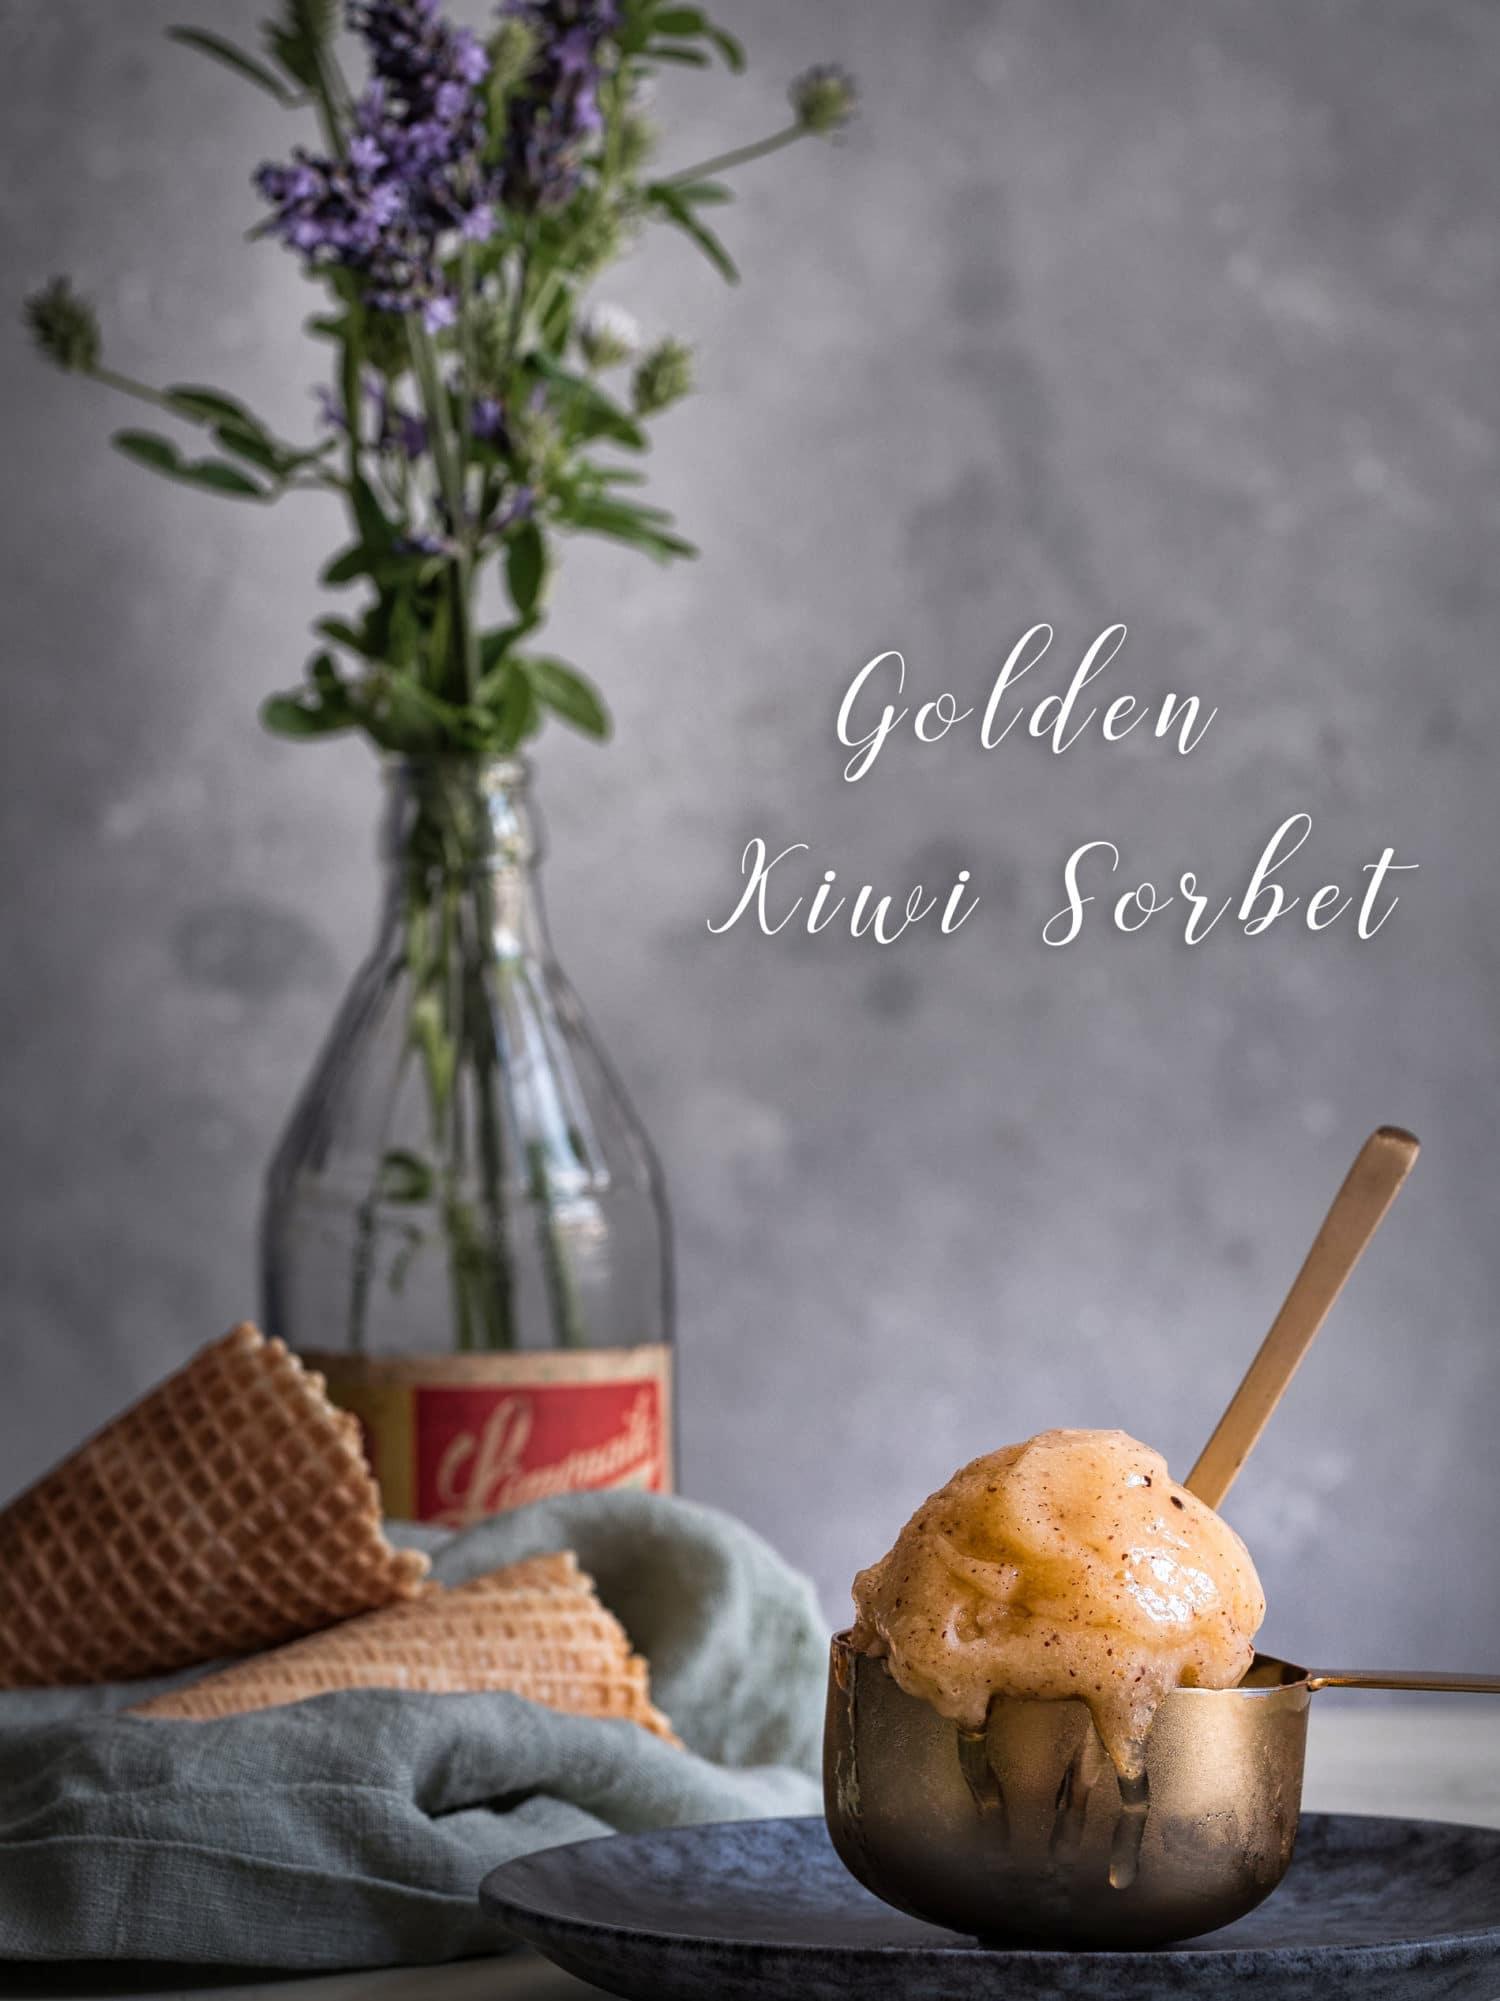 Kiwi Sorbet selber machen. Sorbet Rezept